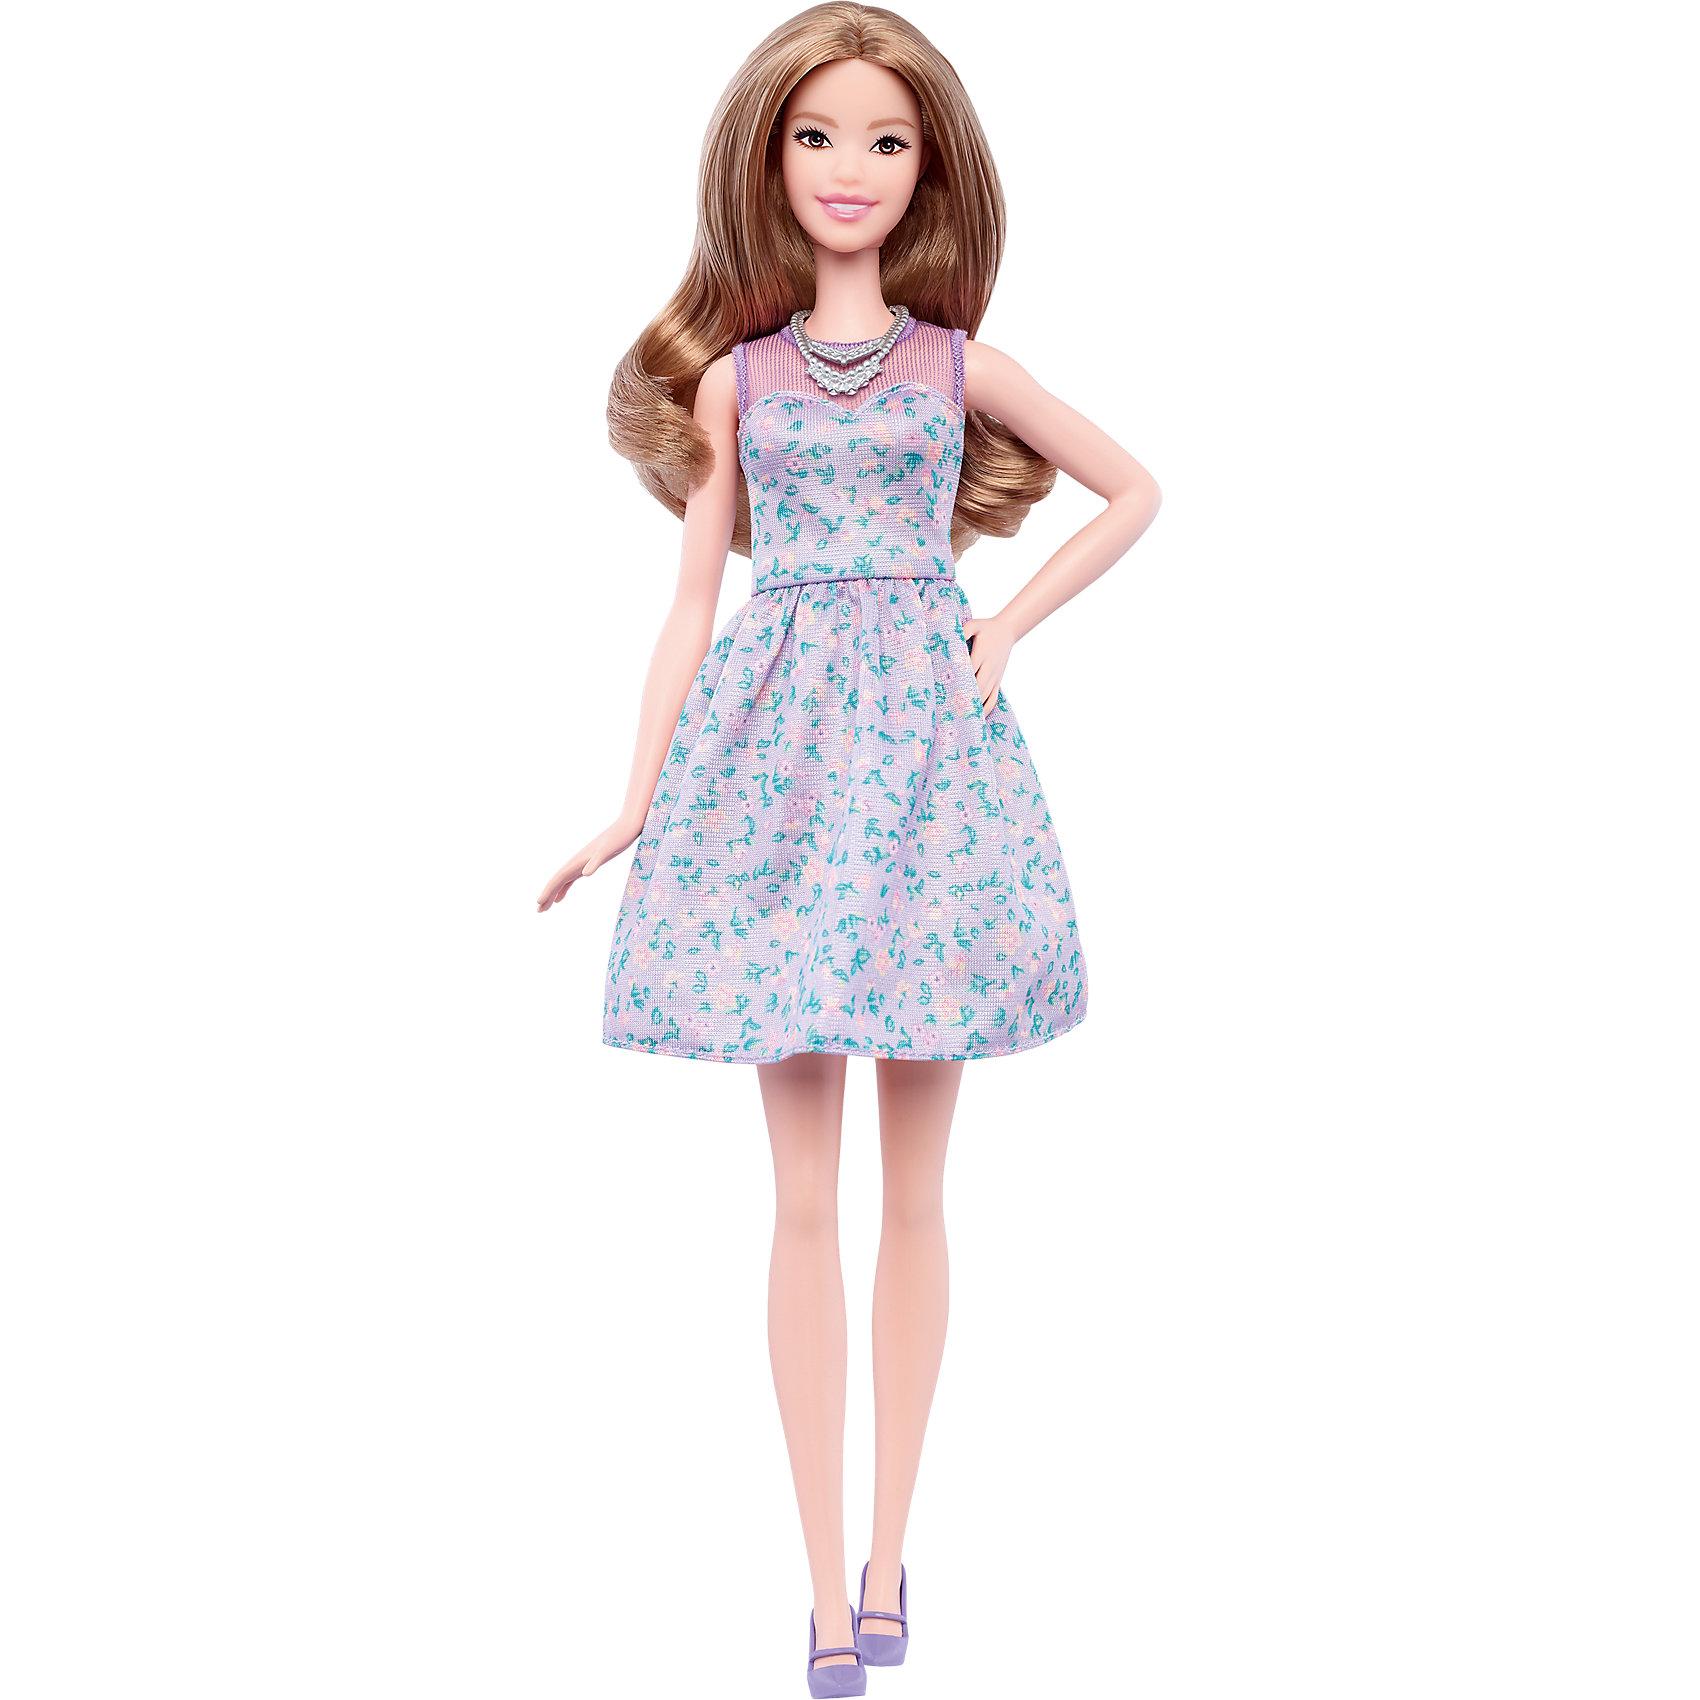 Кукла из серии Игра с модой Lovely in Lilac, BarbieBarbie<br>Характеристики товара:<br><br>• комплектация: кукла, одежда<br>• материал: пластик, текстиль<br>• серия: Barbie игра с модой<br>• руки, ноги гнутся<br>• высота куклы: 28 см<br>• возраст: от трех лет<br>• размер упаковки: 33х12х5 см<br>• вес: 0,3 кг<br>• страна бренда: США<br><br>Невероятно модный образ изящной куклы порадует маленьких любительниц стильных и необычных нарядов. Стильную одежду дополняет обувь и аксессуары. Длинные волосы позволяют делать разнообразные прически! Барби из серии Игра с модой станет великолепным подарком для девочек, которые следят за модными тенденциями.<br><br>Такие куклы помогают развить у девочек вкус и чувство стиля, отработать сценарии поведения в обществе, развить воображение и мелкую моторику. Барби от бренда Mattel не перестает быть популярной! <br><br>Куклу Барби Lovely in Lilac из серии «Barbie и Игра с Модой» от компании Mattel можно купить в нашем интернет-магазине.<br><br>Ширина мм: 328<br>Глубина мм: 114<br>Высота мм: 58<br>Вес г: 184<br>Возраст от месяцев: 36<br>Возраст до месяцев: 72<br>Пол: Женский<br>Возраст: Детский<br>SKU: 5089083